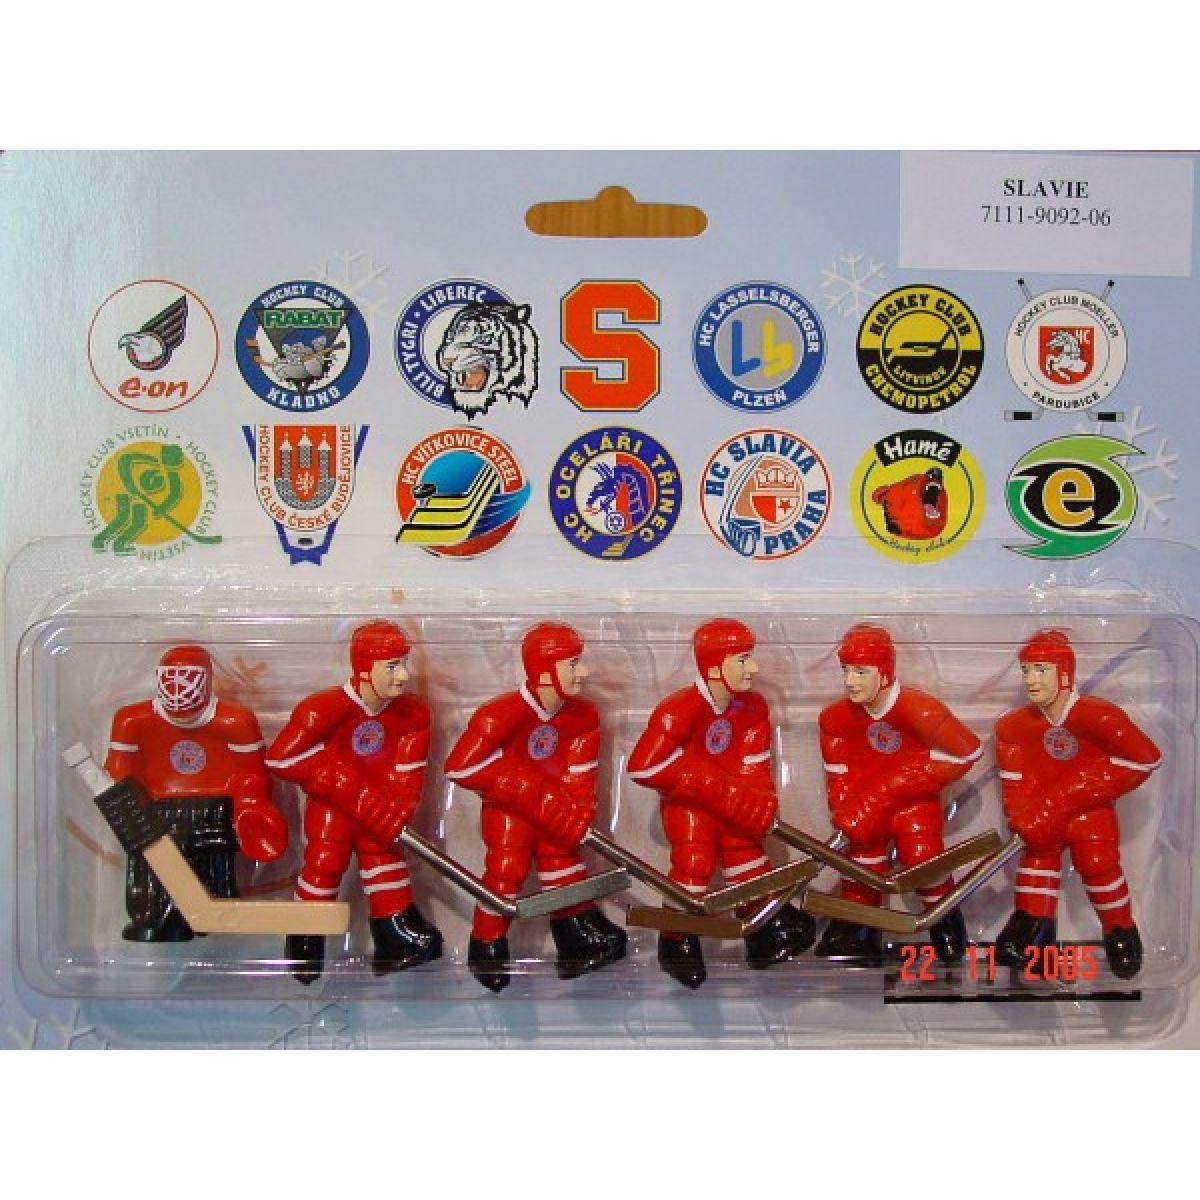 Stiga Hokejový tým - Slavia